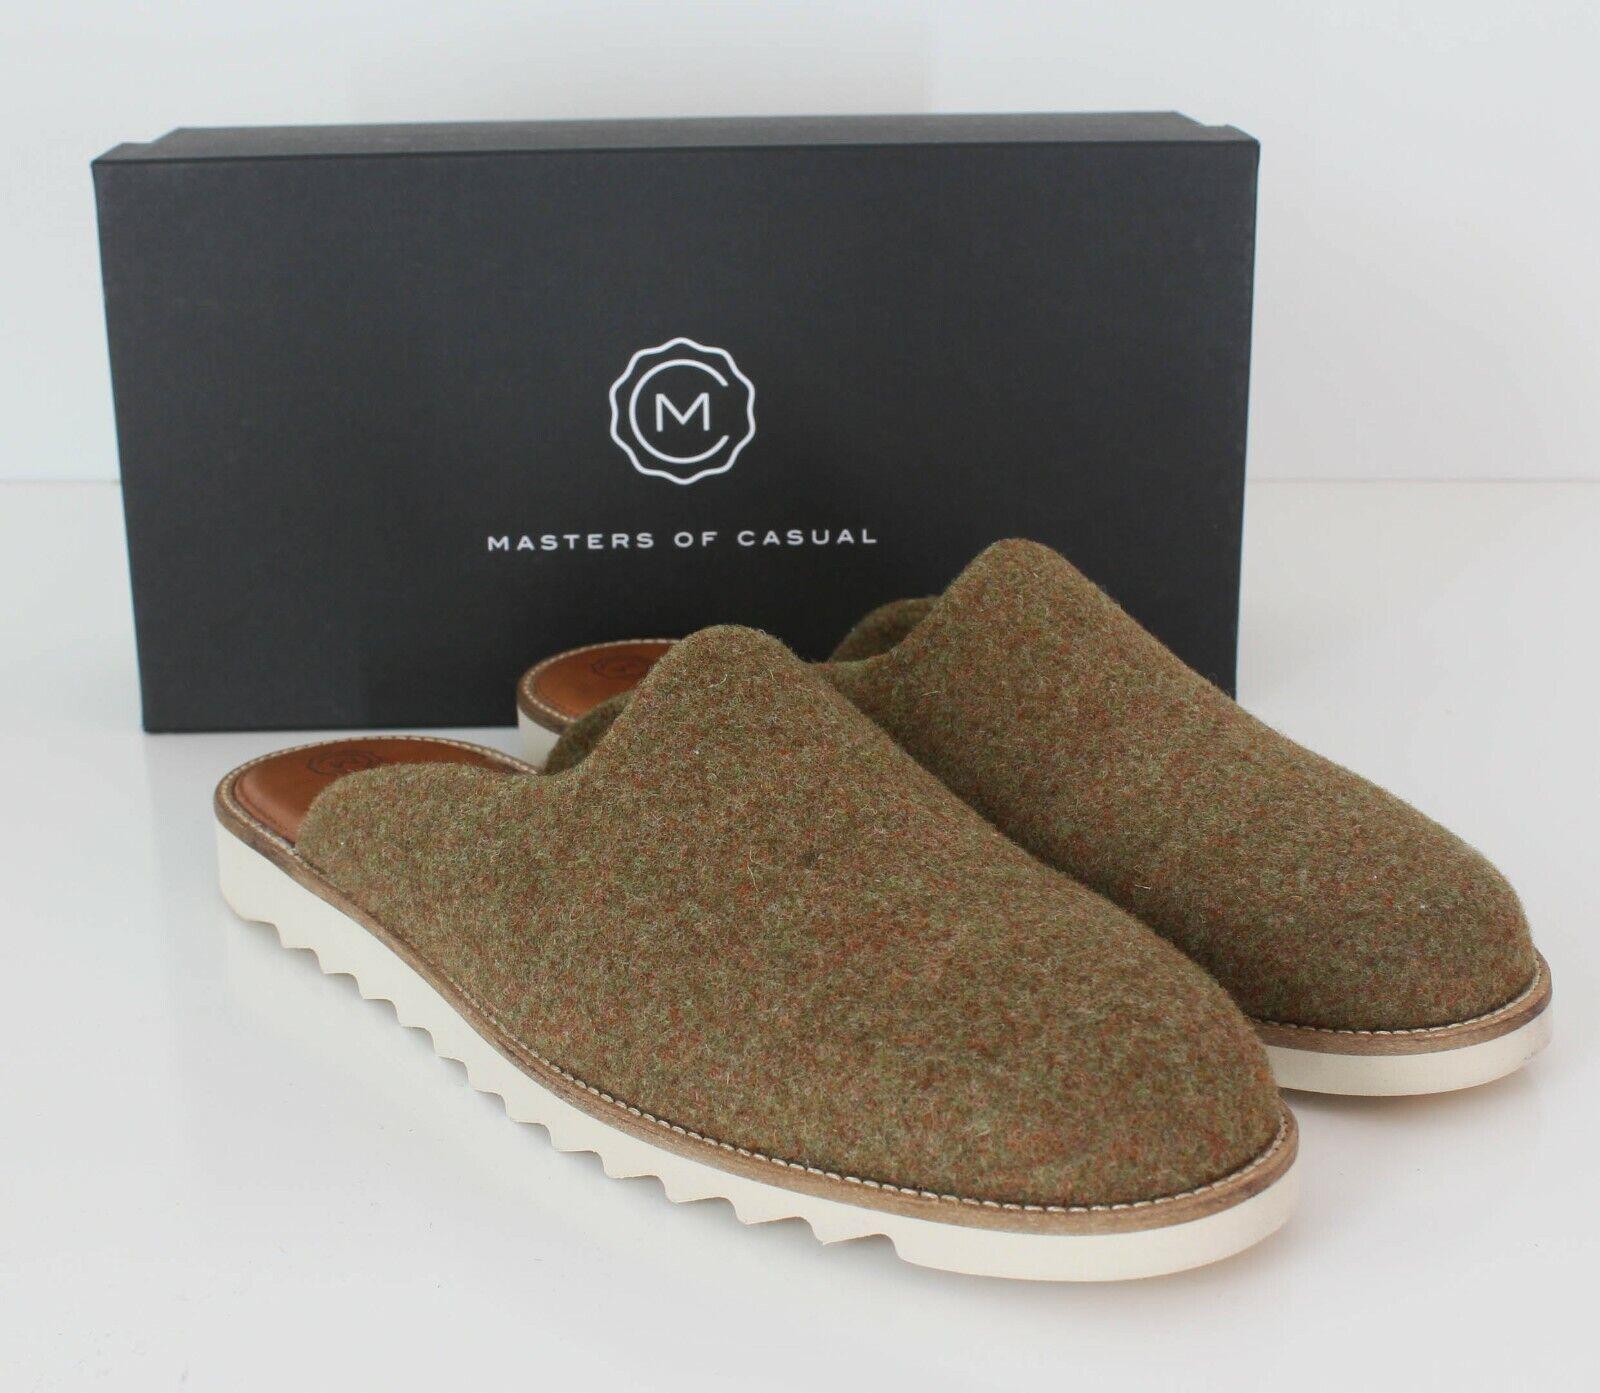 Masters Of Casual Domingo Slide Sandals Tweed Wool Cyprus NWB Portugal 44 / 11